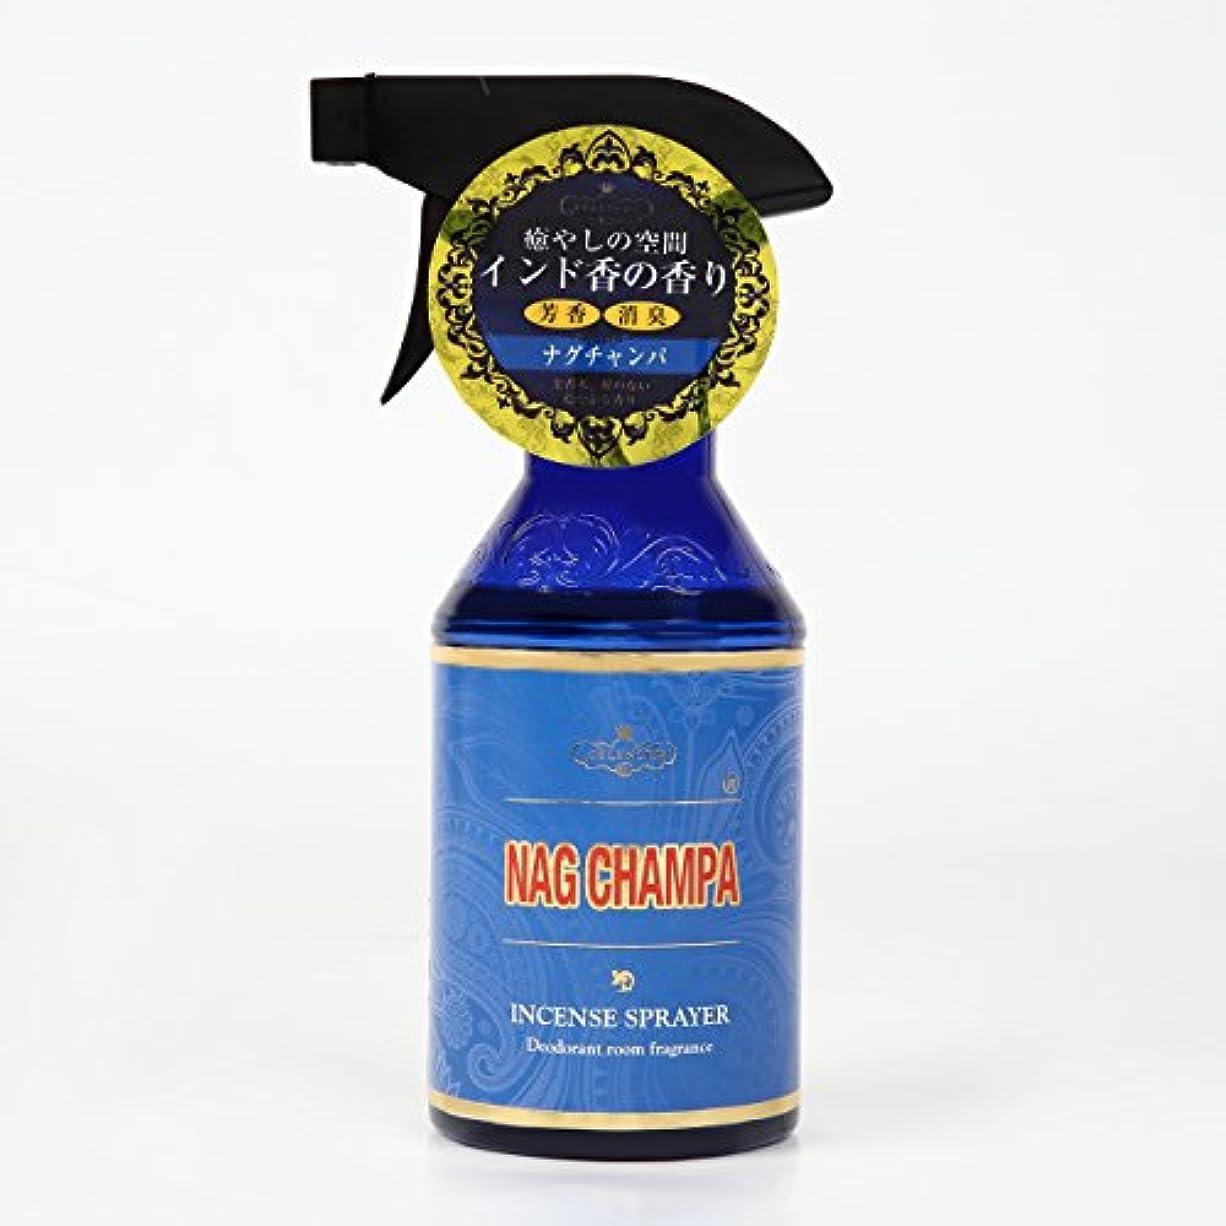 十年であること脊椎お香の香りの芳香剤 セレンスフレグランスルームスプレー ナグチャンパ